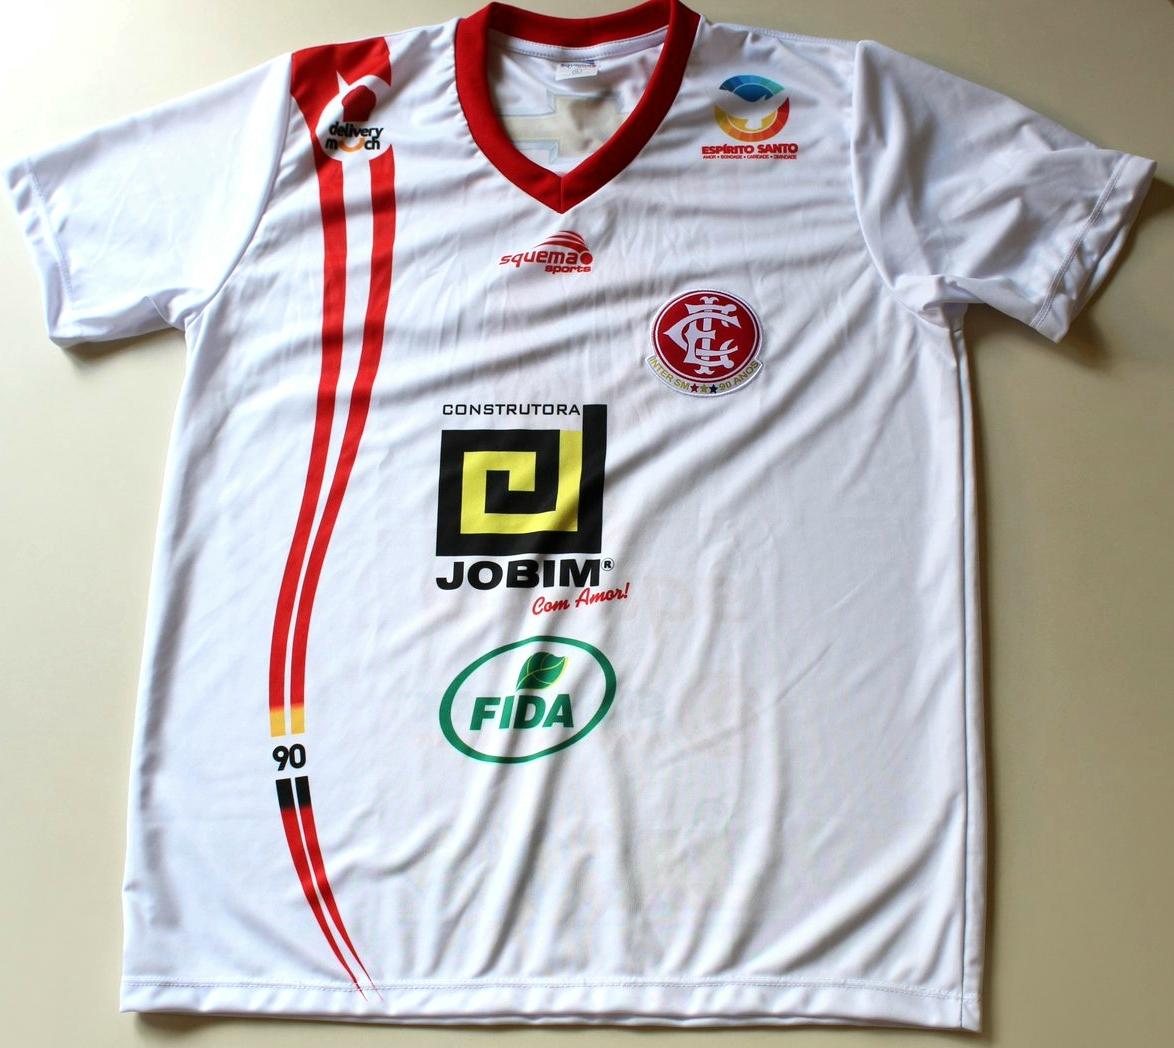 15d18d5446 A camisa reserva é predominantemente vermelha com a cor branca aparecendo  na gola e em listras curvas do lado direito do uniforme. O terceiro ...